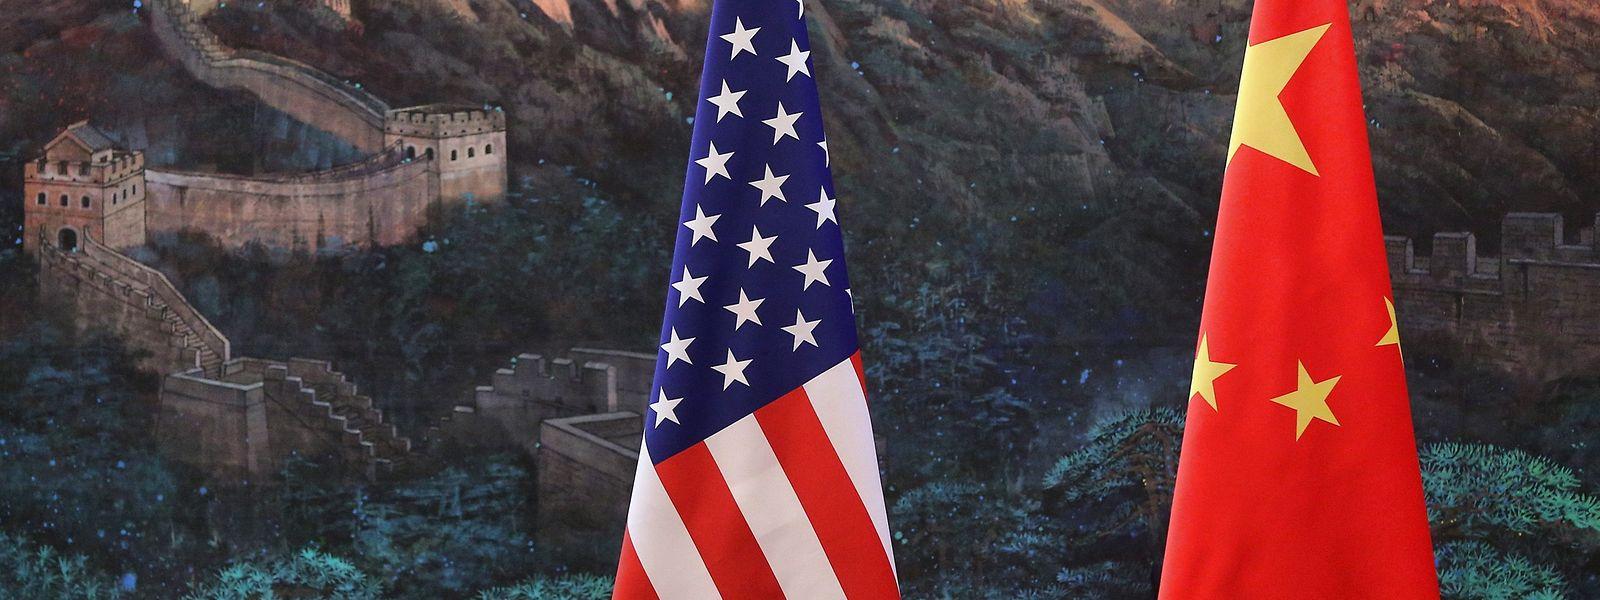 Nach neuen US-Strafzöllen soll China weitere Handelsgespräche mit den USA vorerst abgeblasen haben.